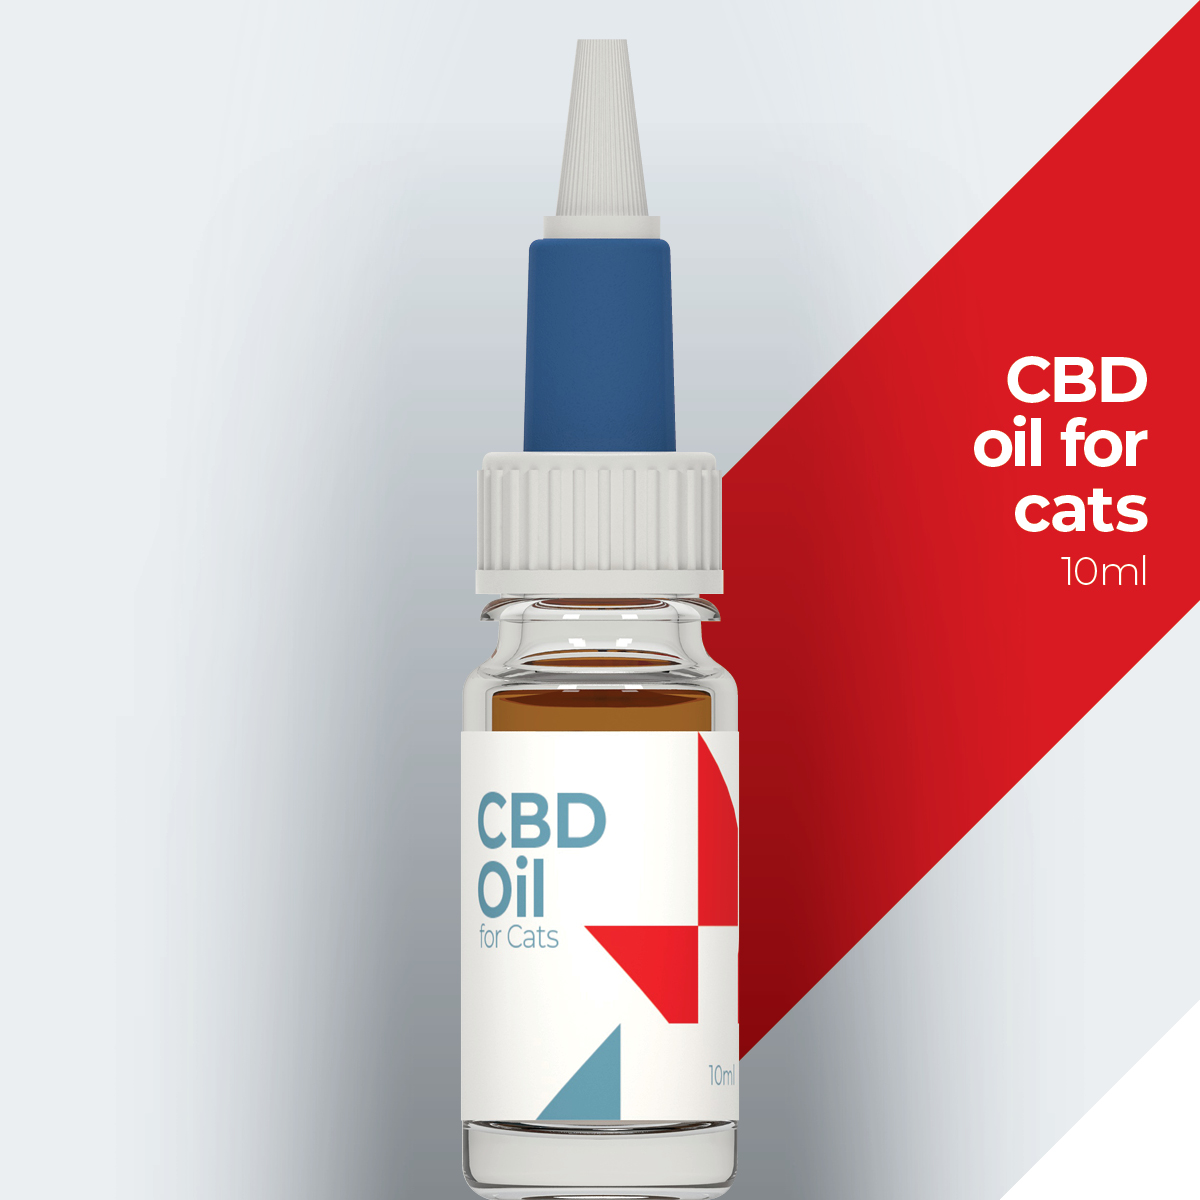 Labocan white label and private label cbd oil for cats (10ml)